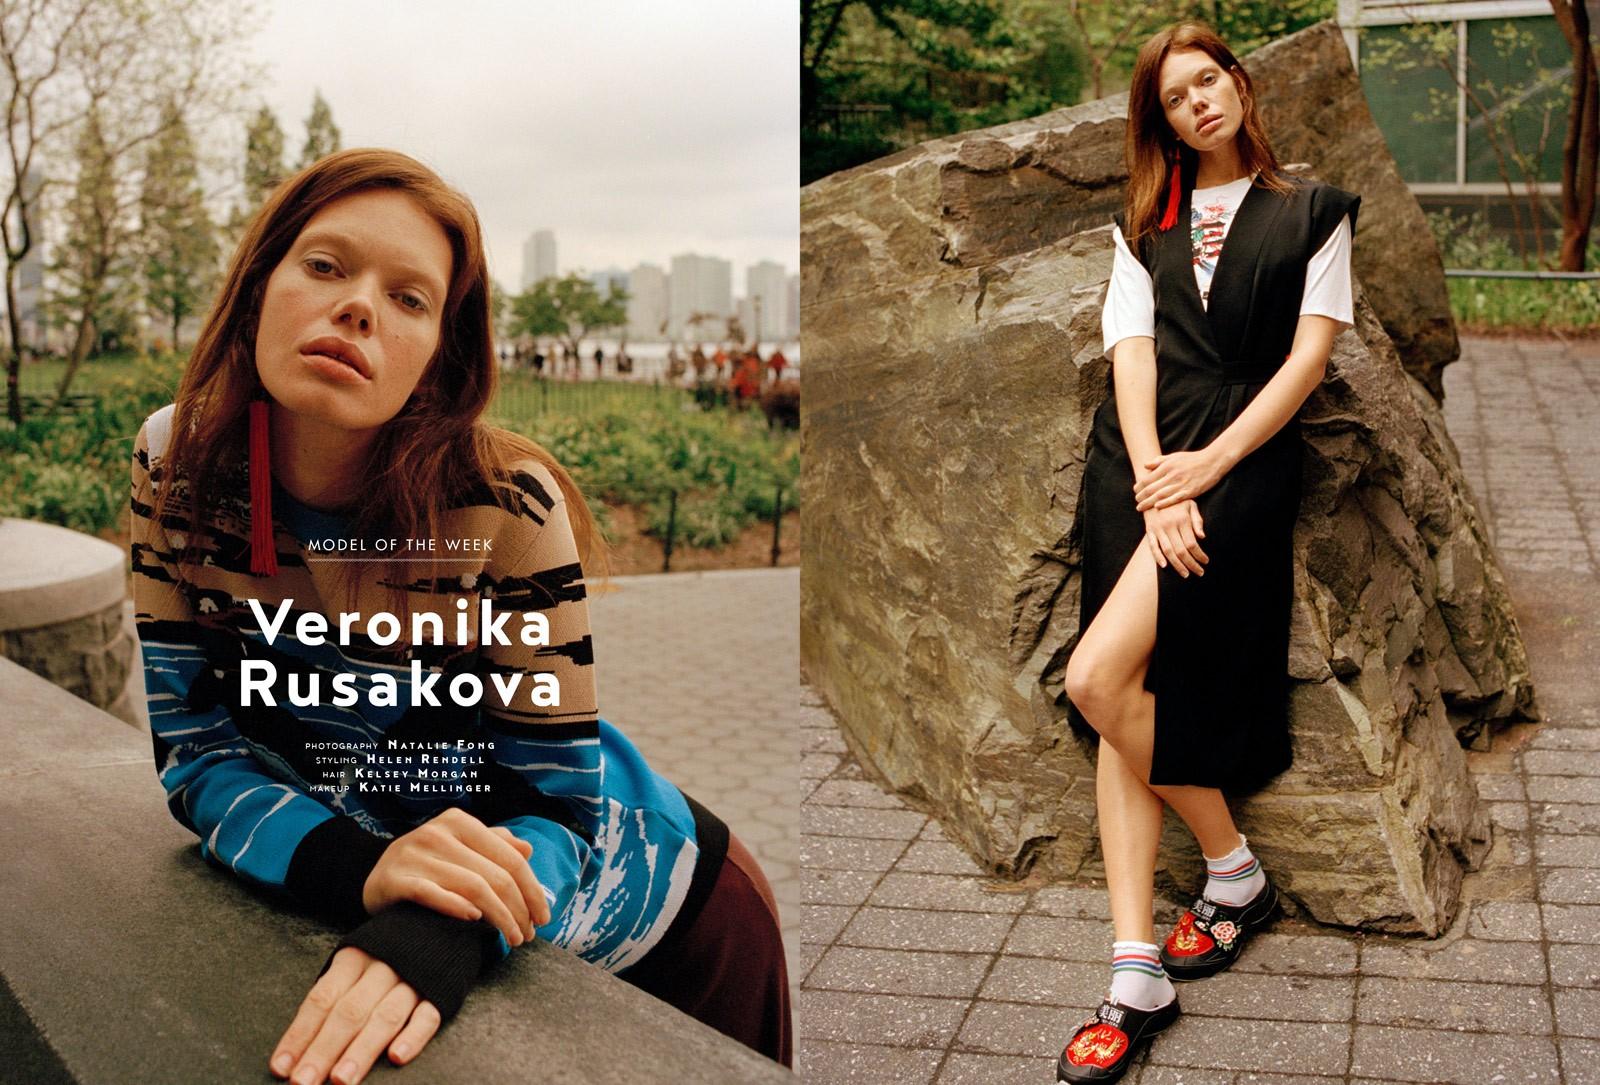 MOTW_VeronikaRusakova_Fusion_web-1600_01